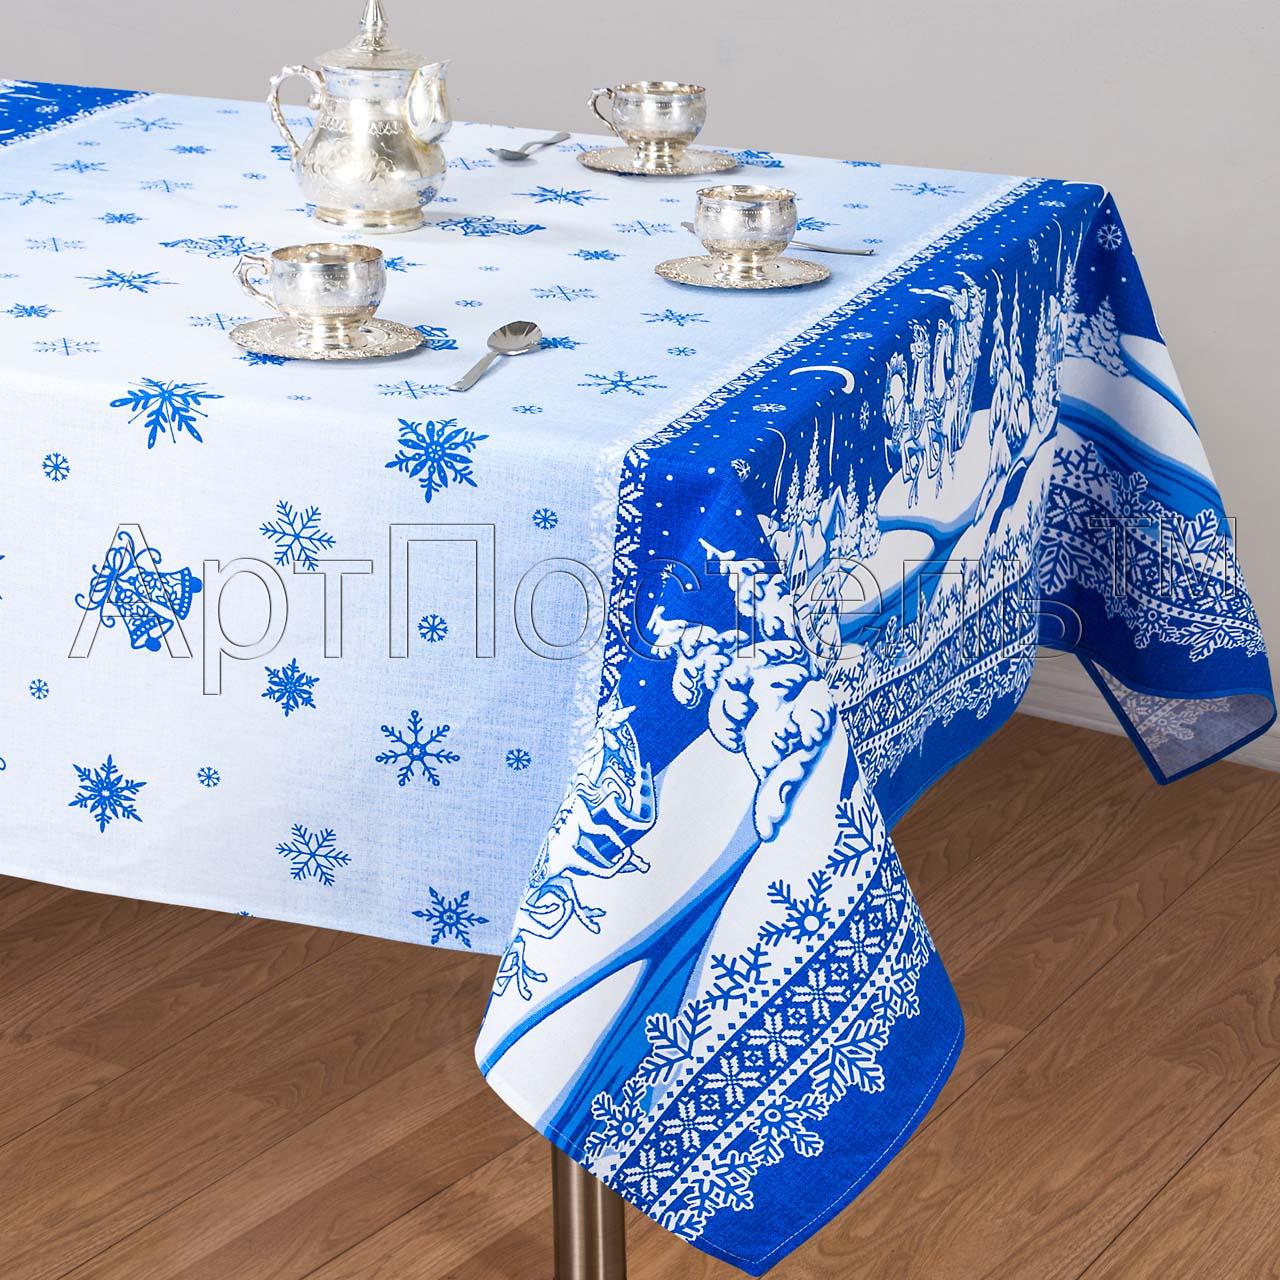 Скатерть  Снежные узоры  р. 260х145 - Текстиль для дома артикул: 29815